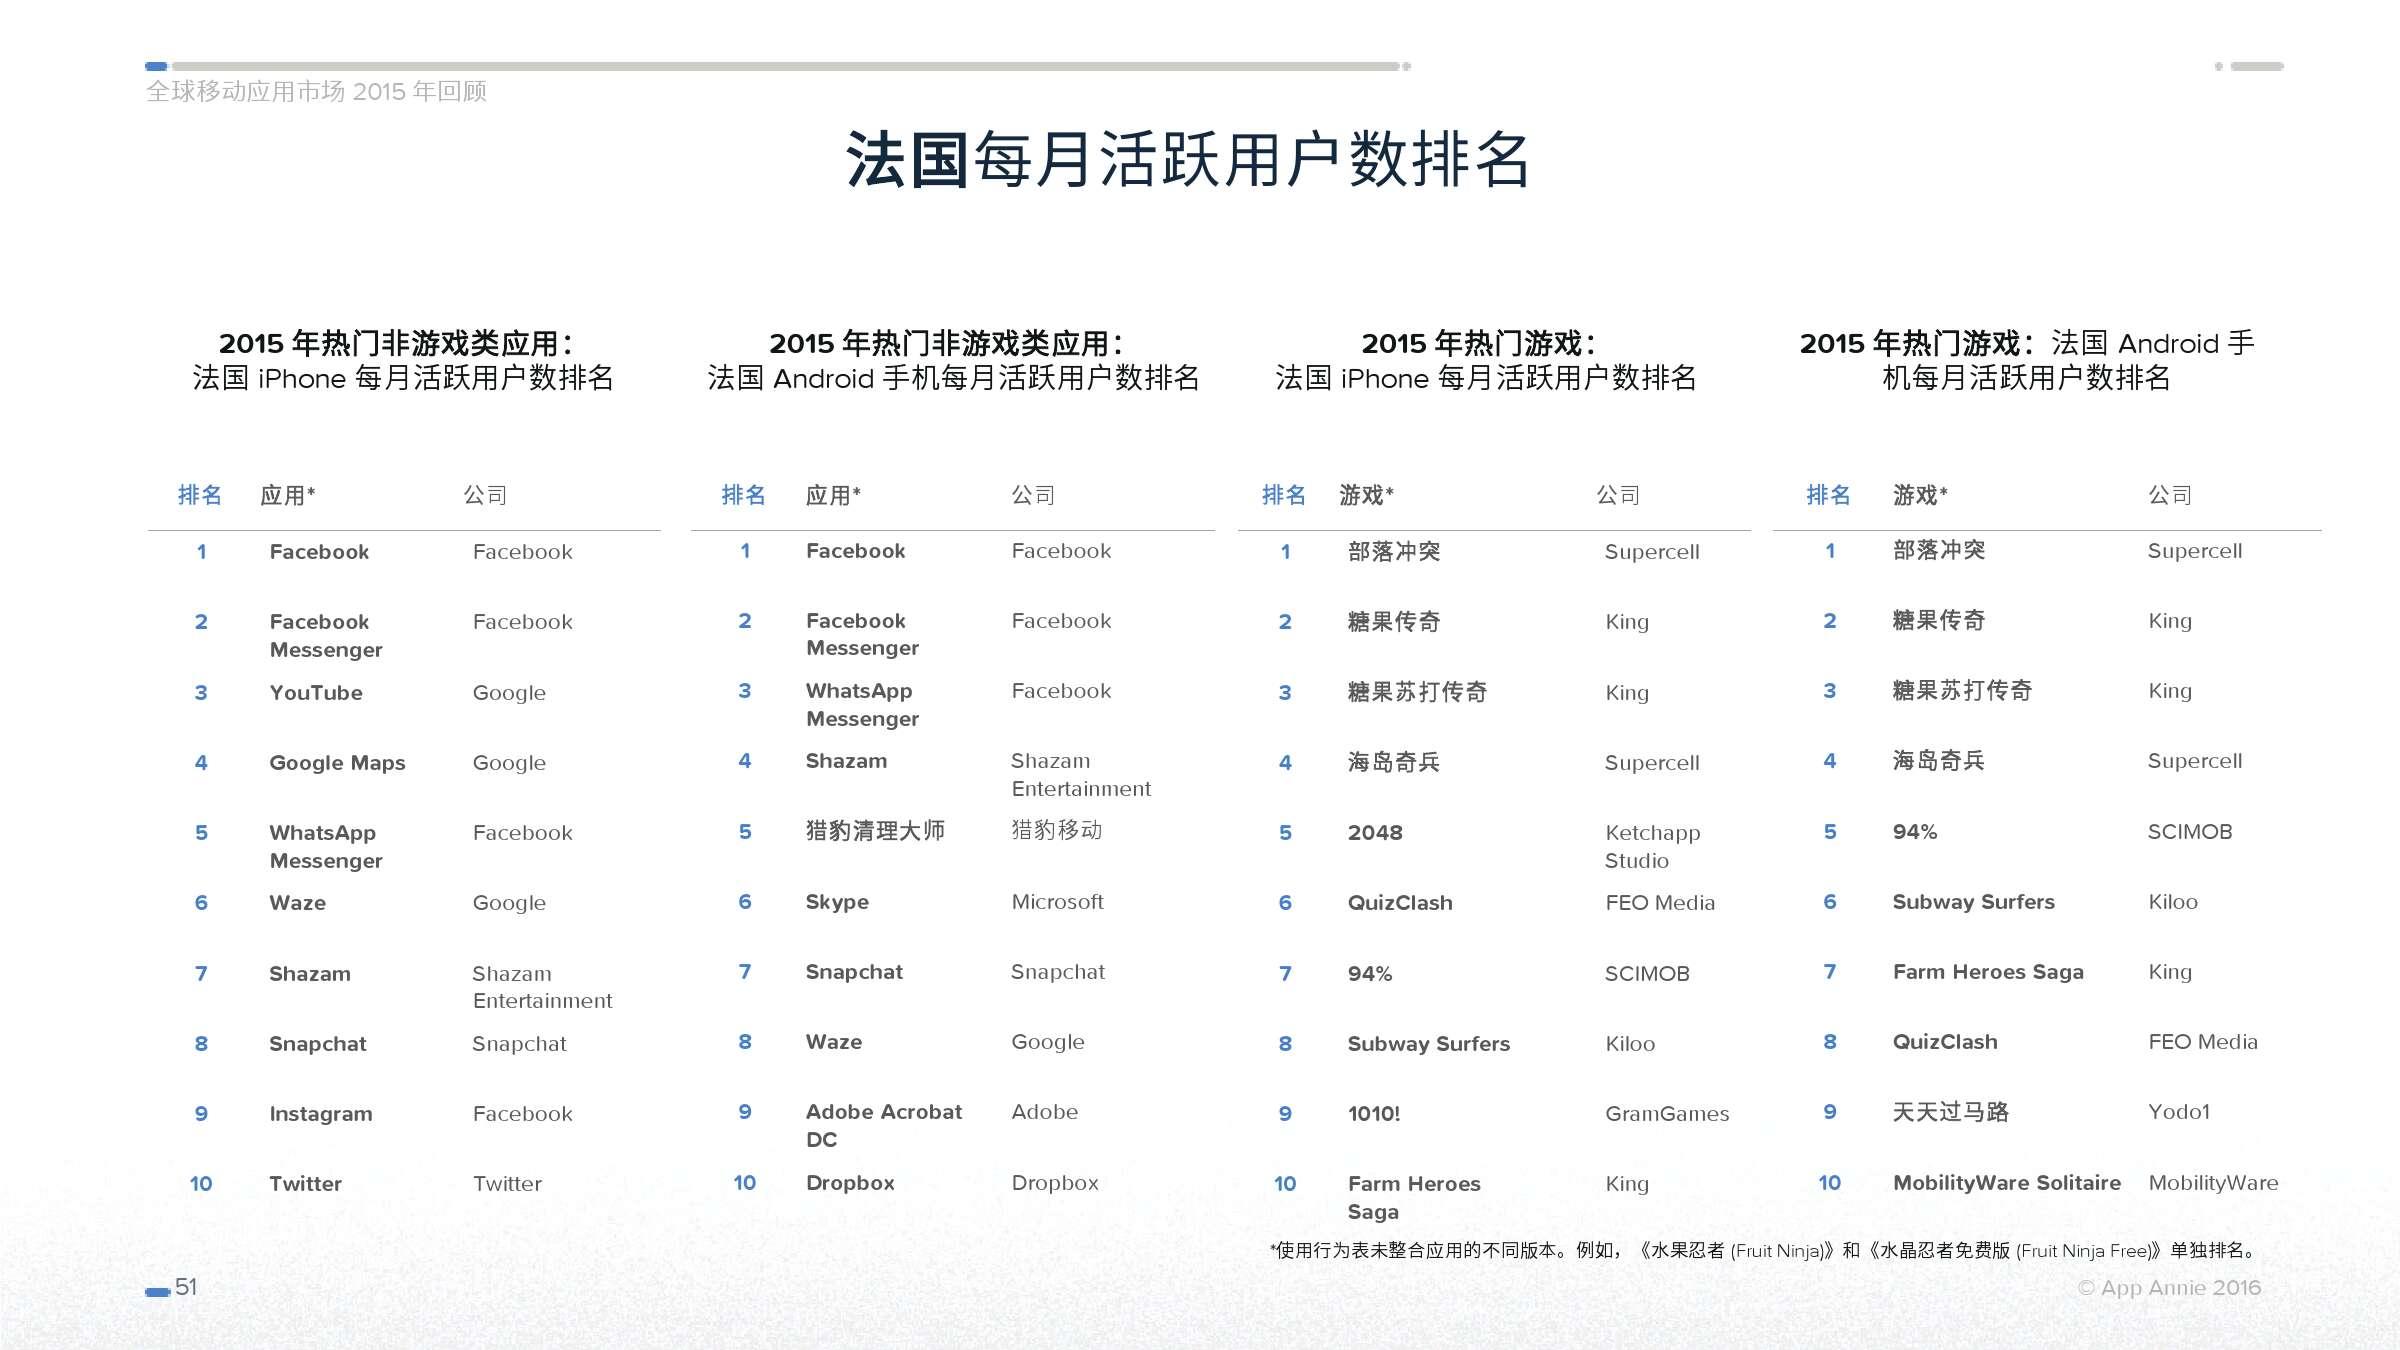 App Annie 全球移动应用市场 2015 年回顾_000051